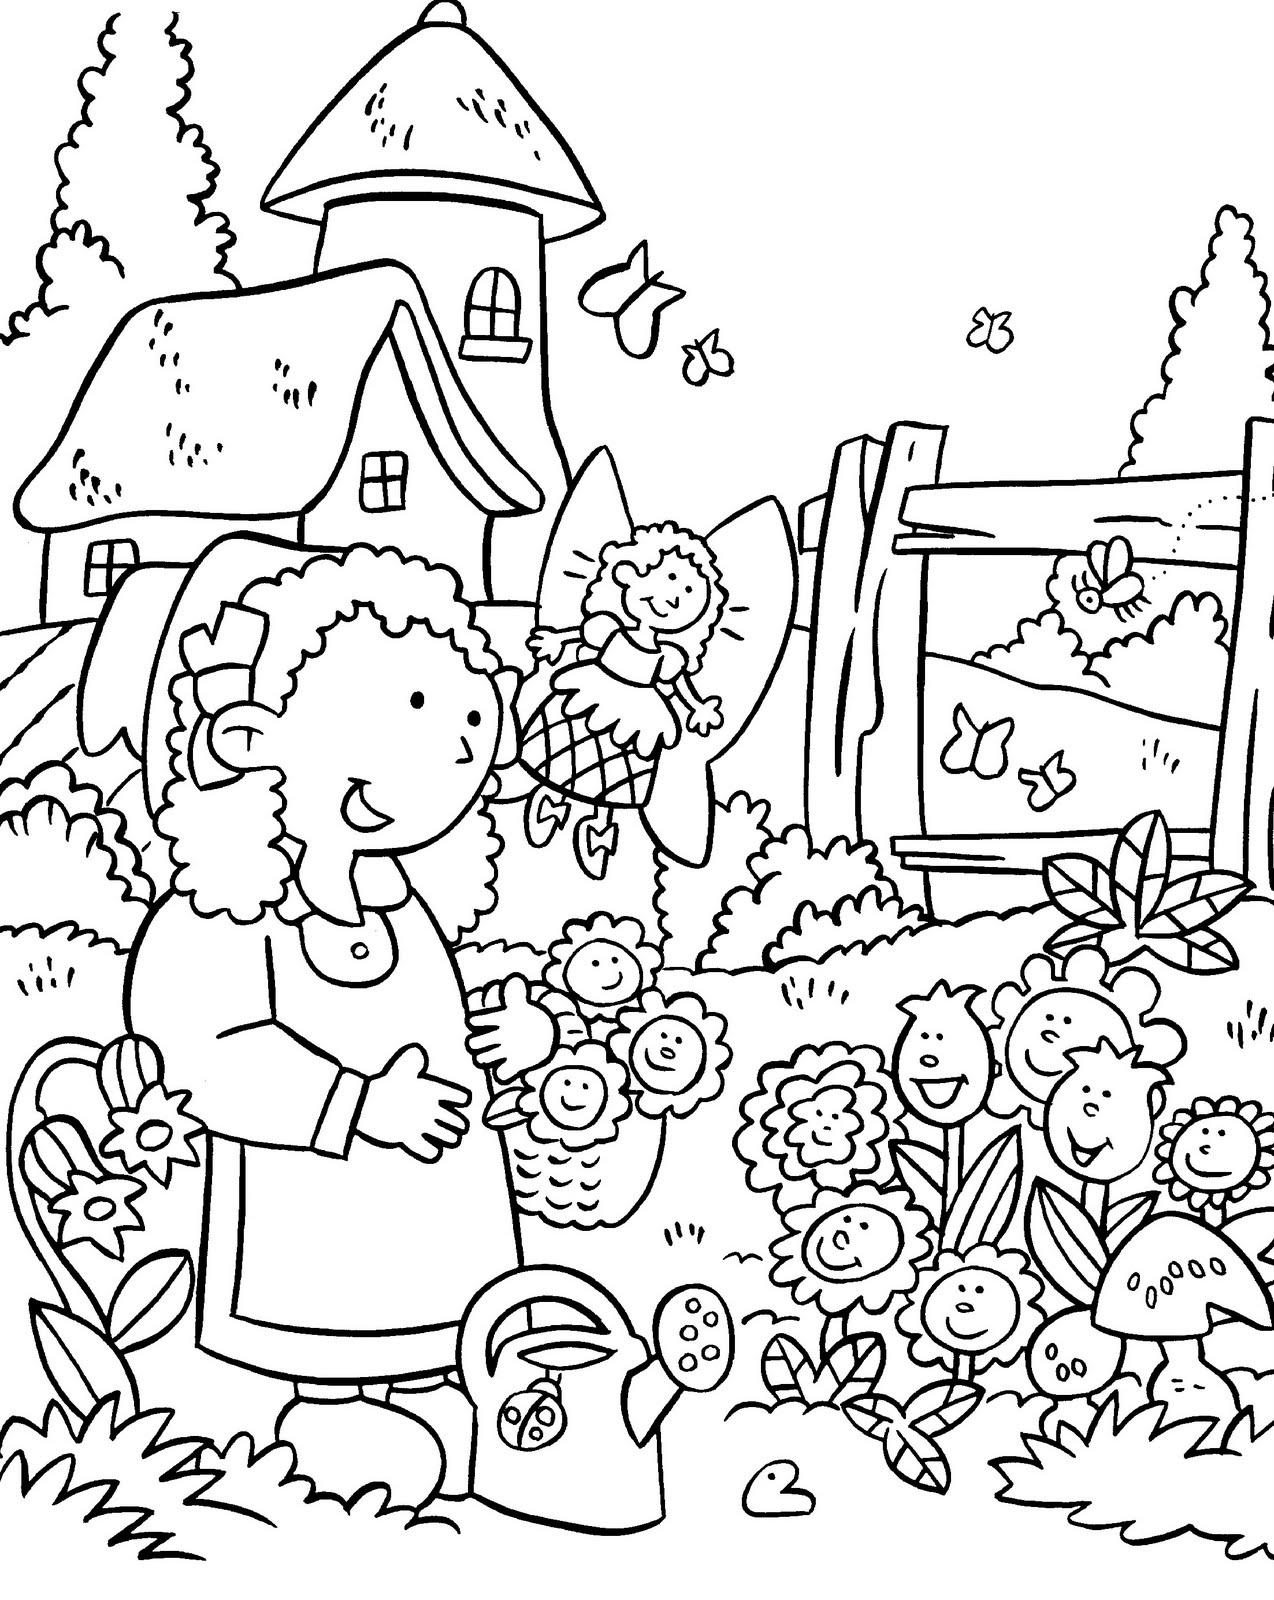 Девочка Девочка с фей у клумбы с цветами Распечатываем раскраски цветы бесплатнораскраски цветы